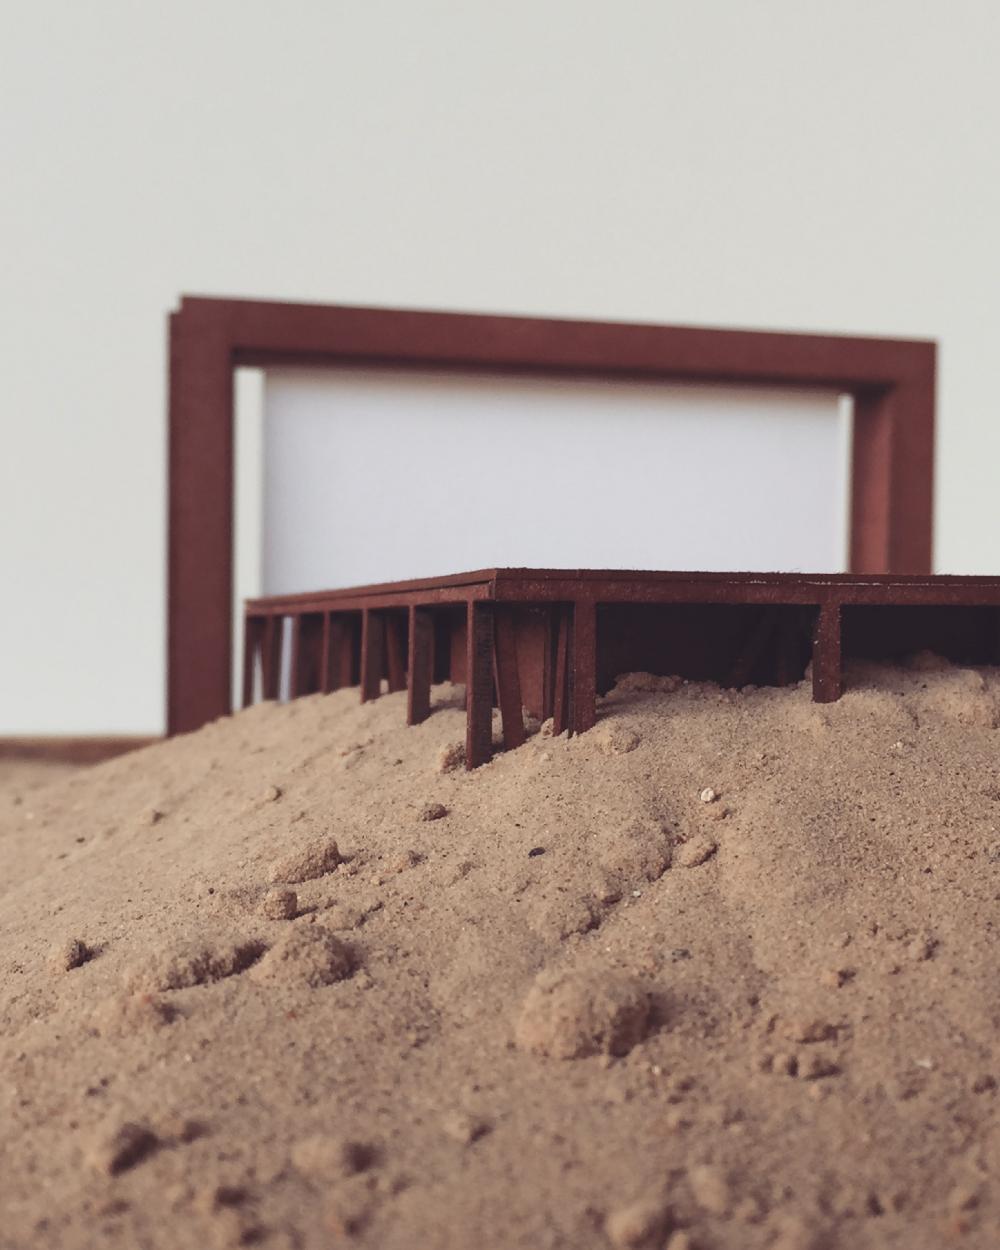 Конкурсный проект пляжного кинотеатра в Героскипу<br>© Matthew Dueck & Enzo Nercolini